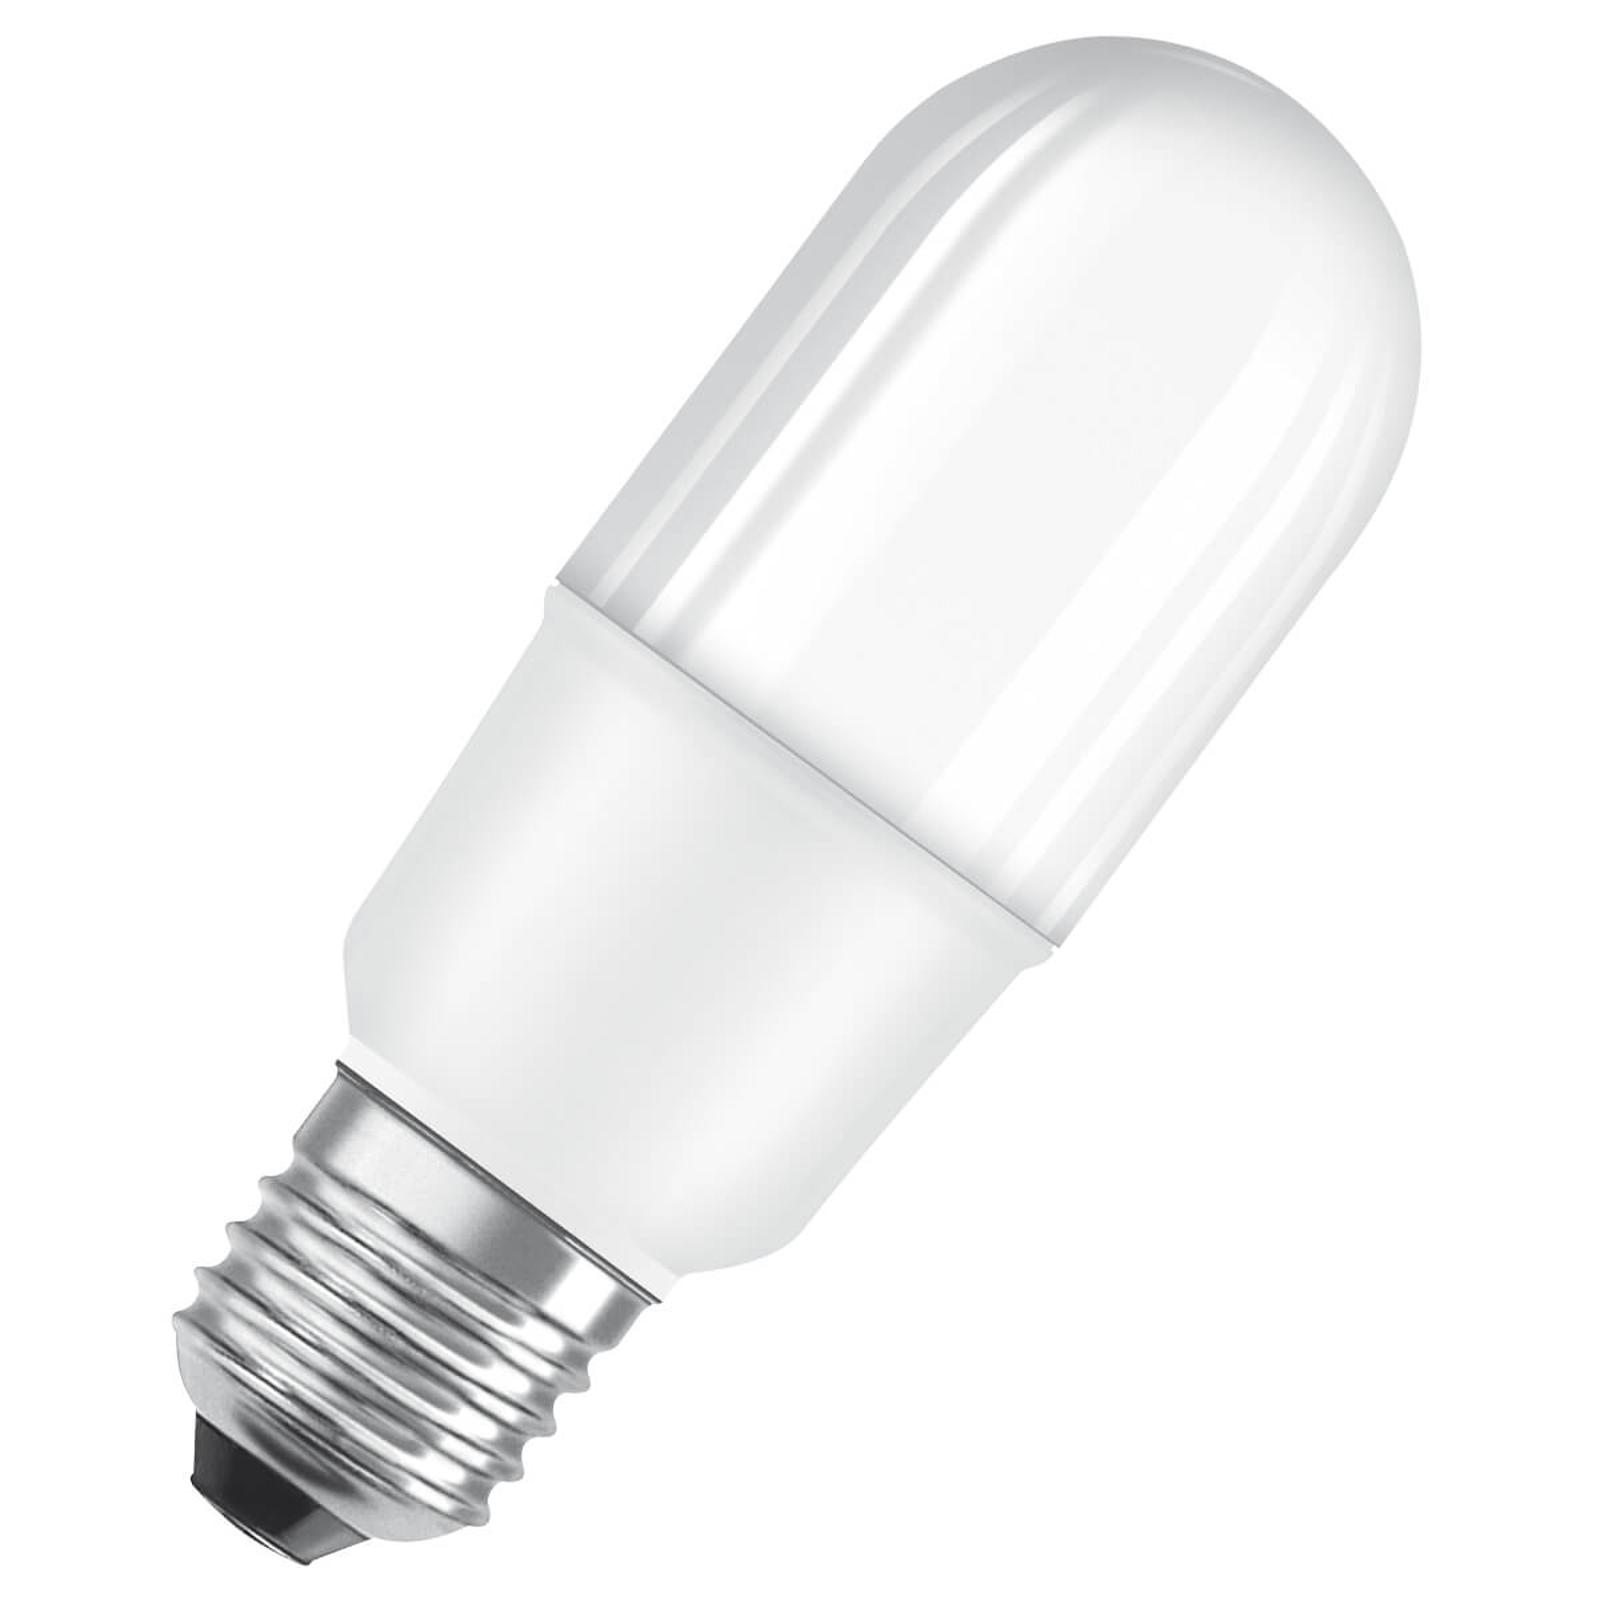 OSRAM LED-Röhrenlampe Star E27 10W warmweiß